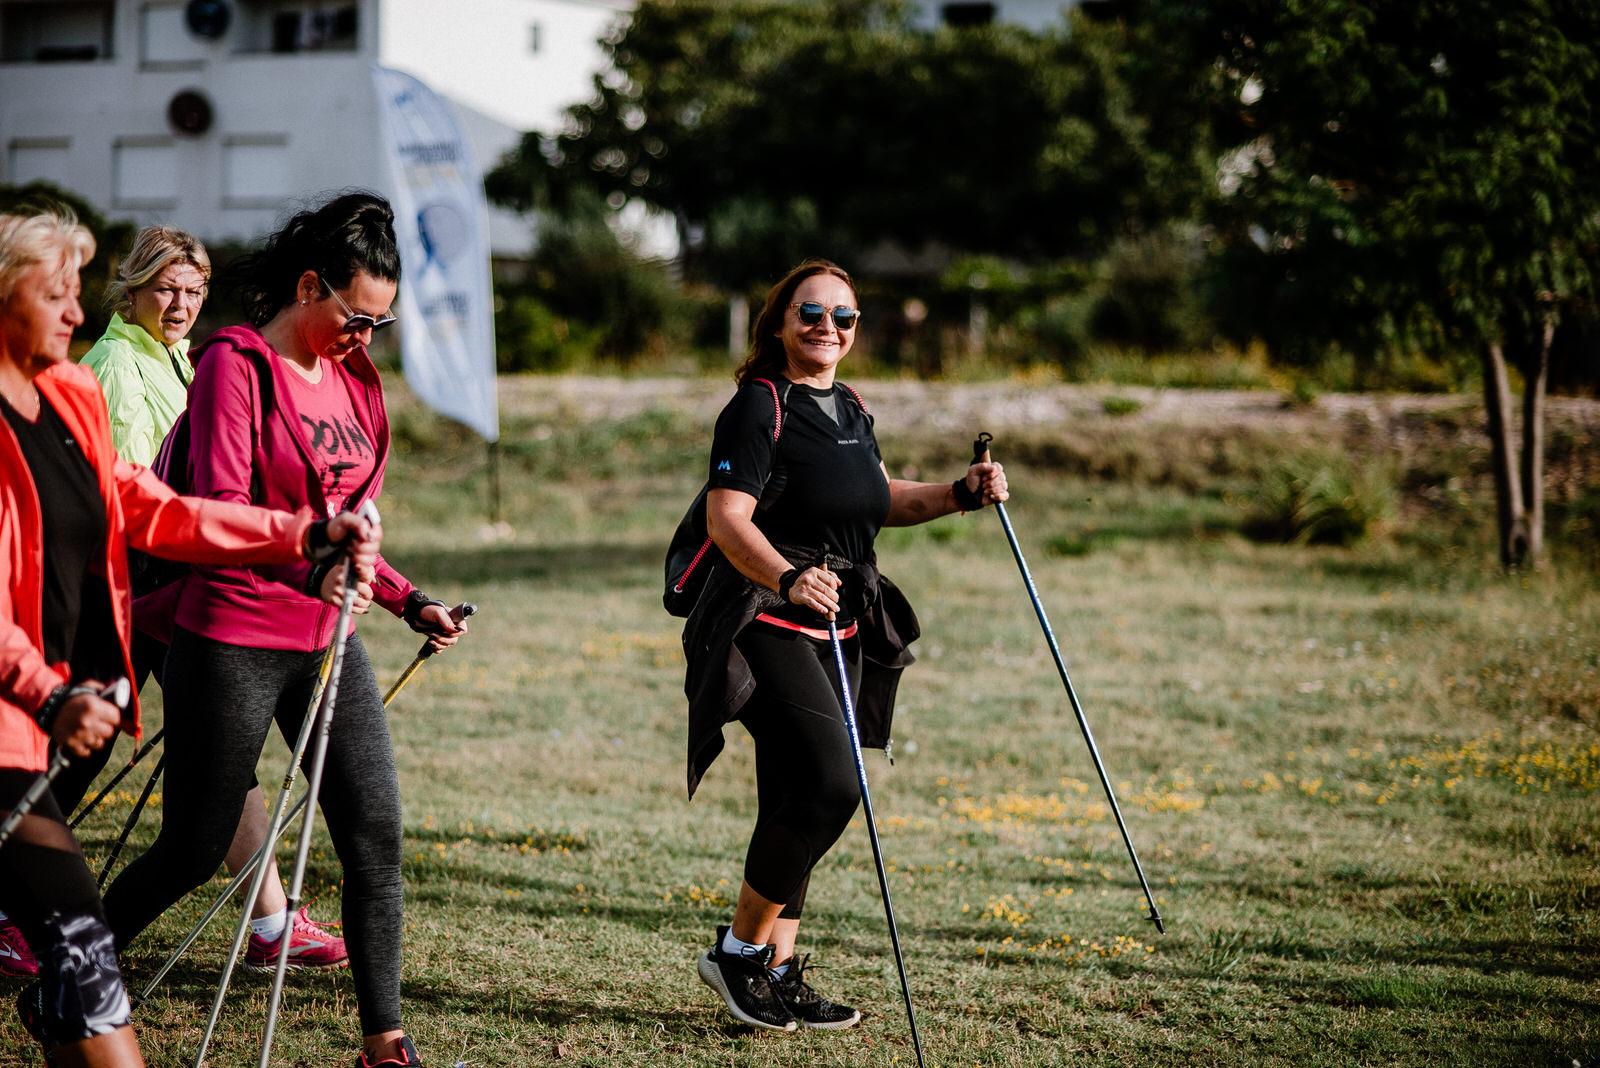 likaclub_nordijsko-hodanje-mjesečevim-otokom_pag-2019-2